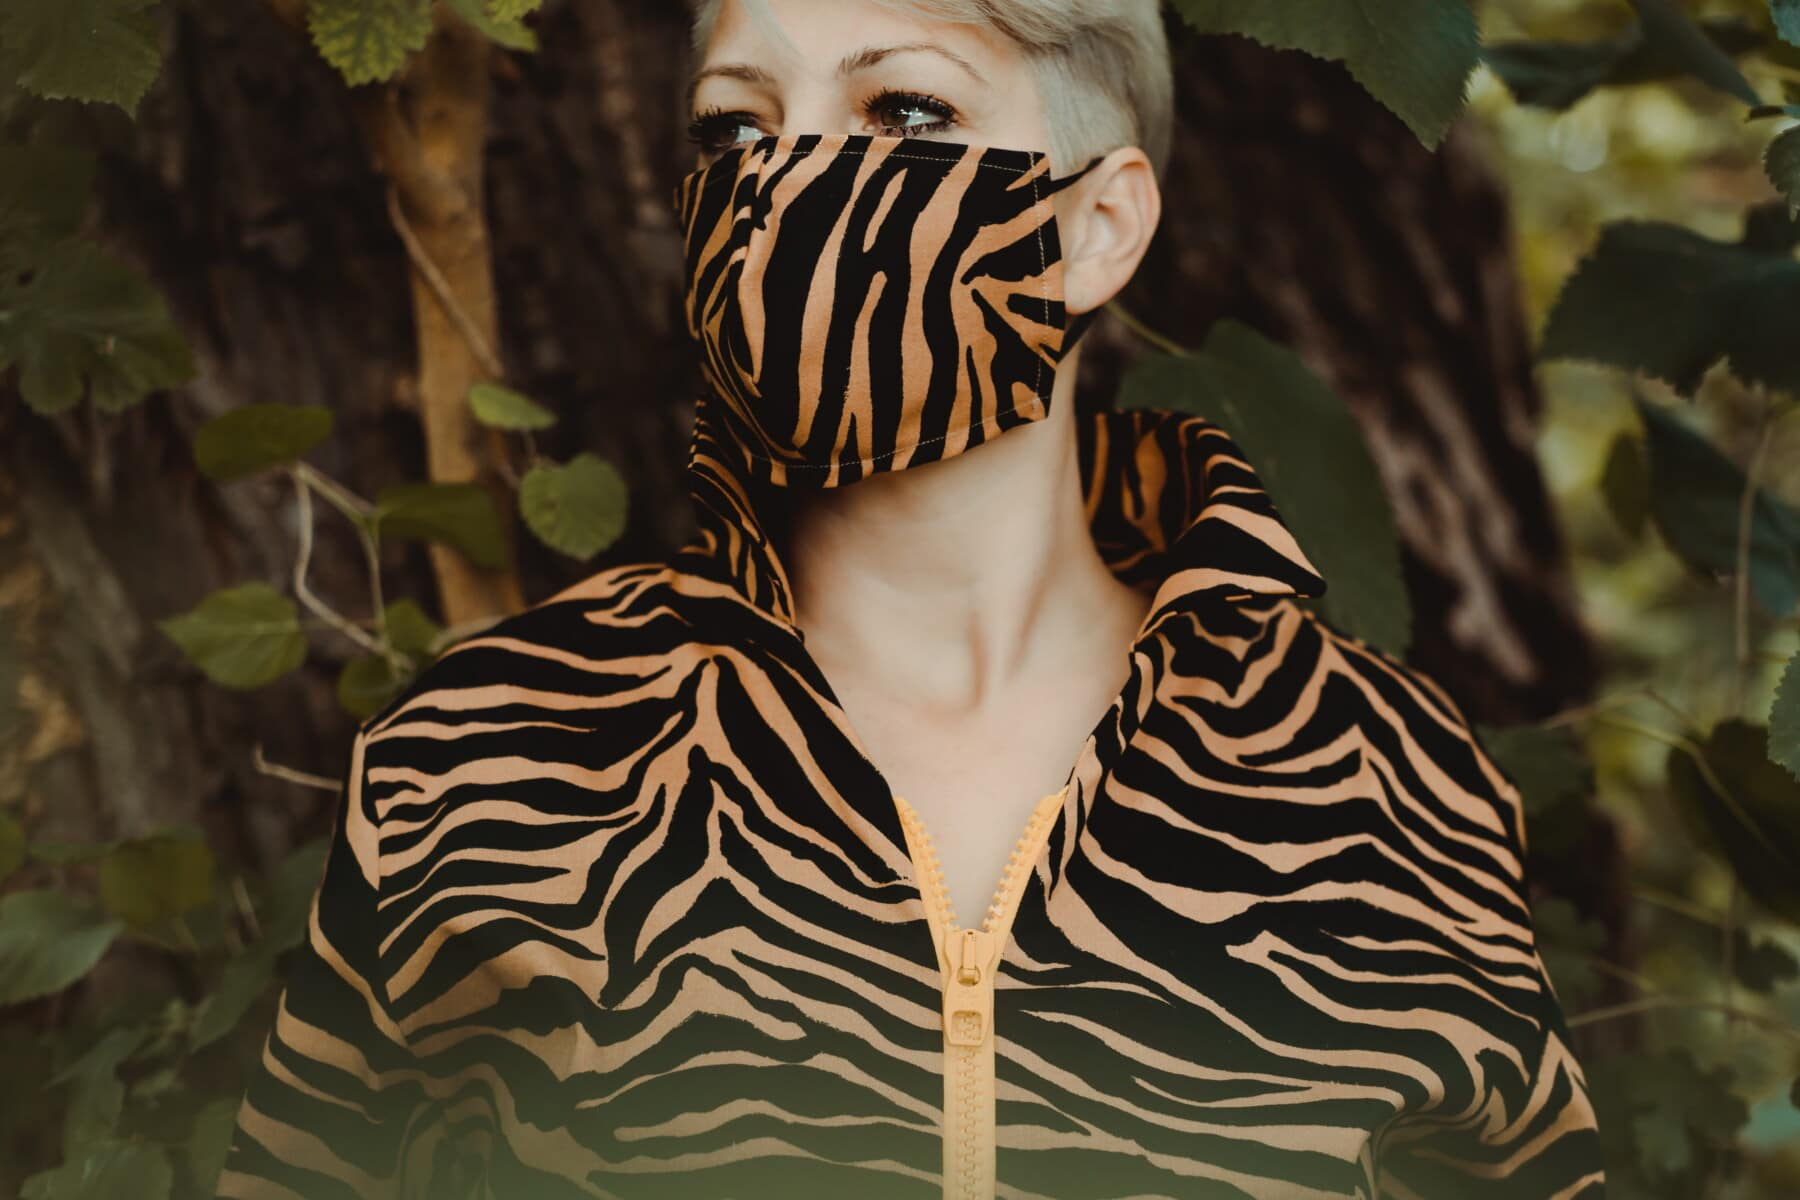 maschera viso, moderno, vestito, progettazione, camuffamento, moda, coronavirus, COVID-19, natura, verticale